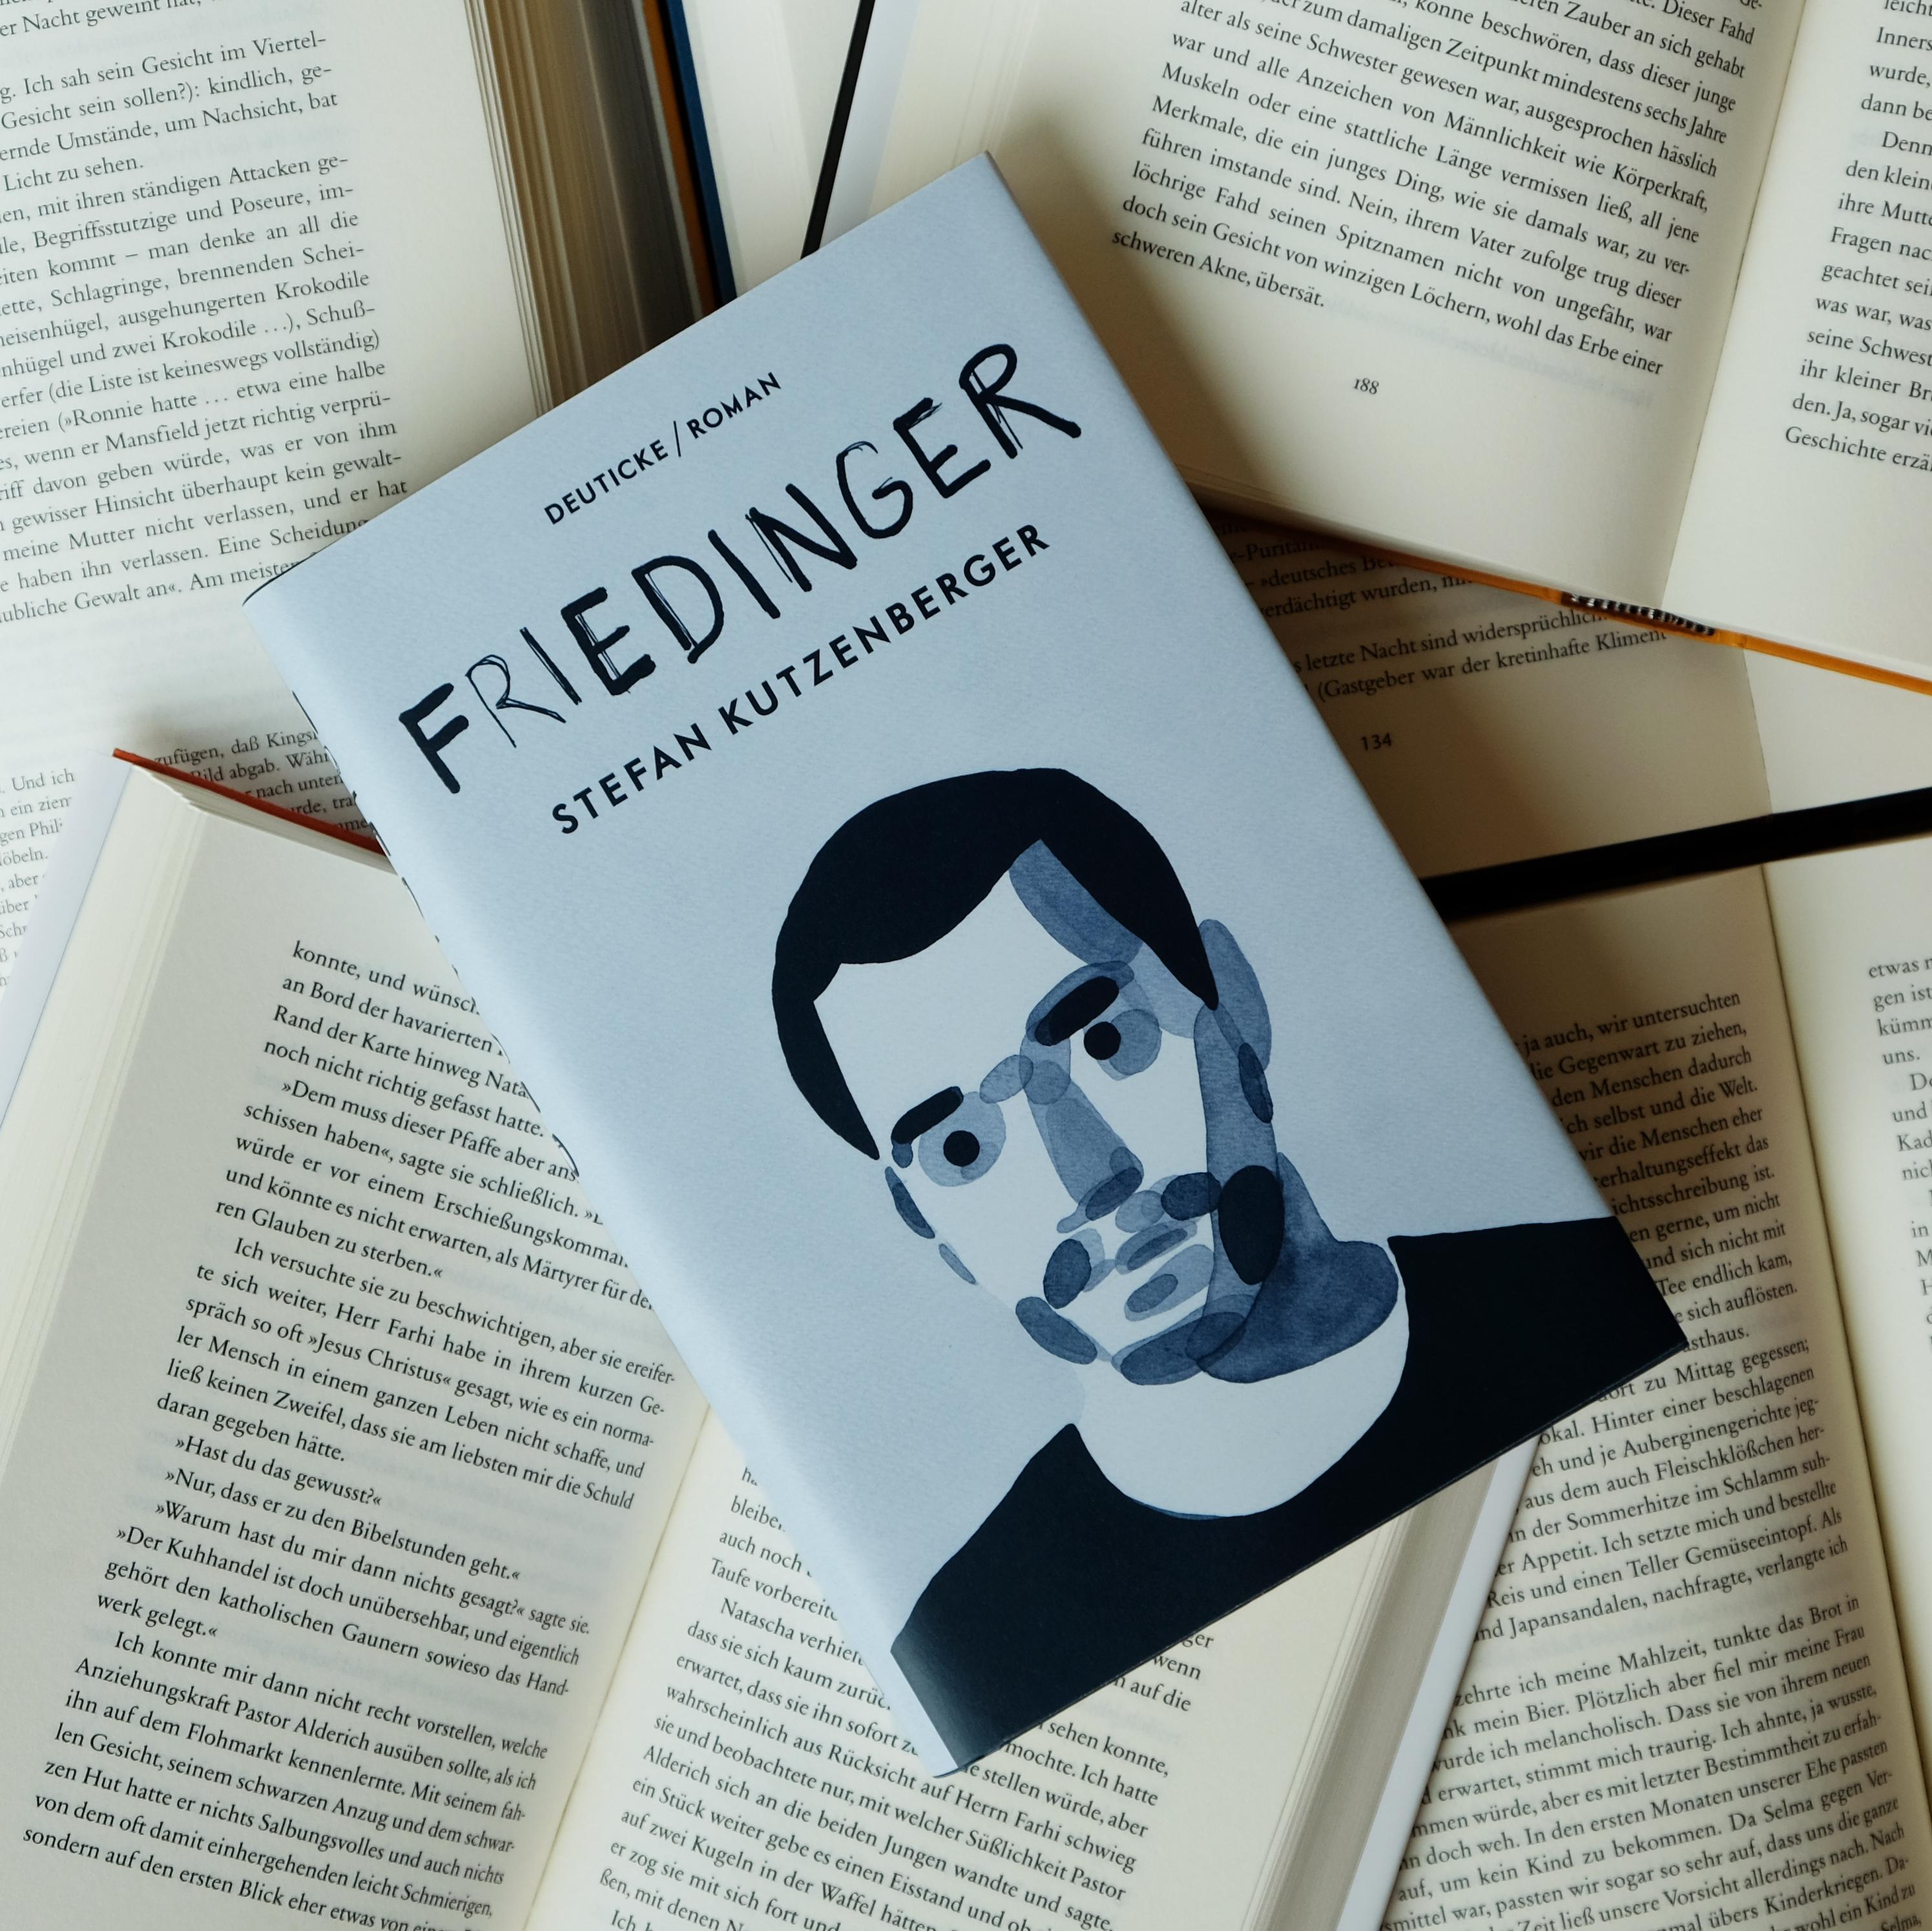 Friedinger